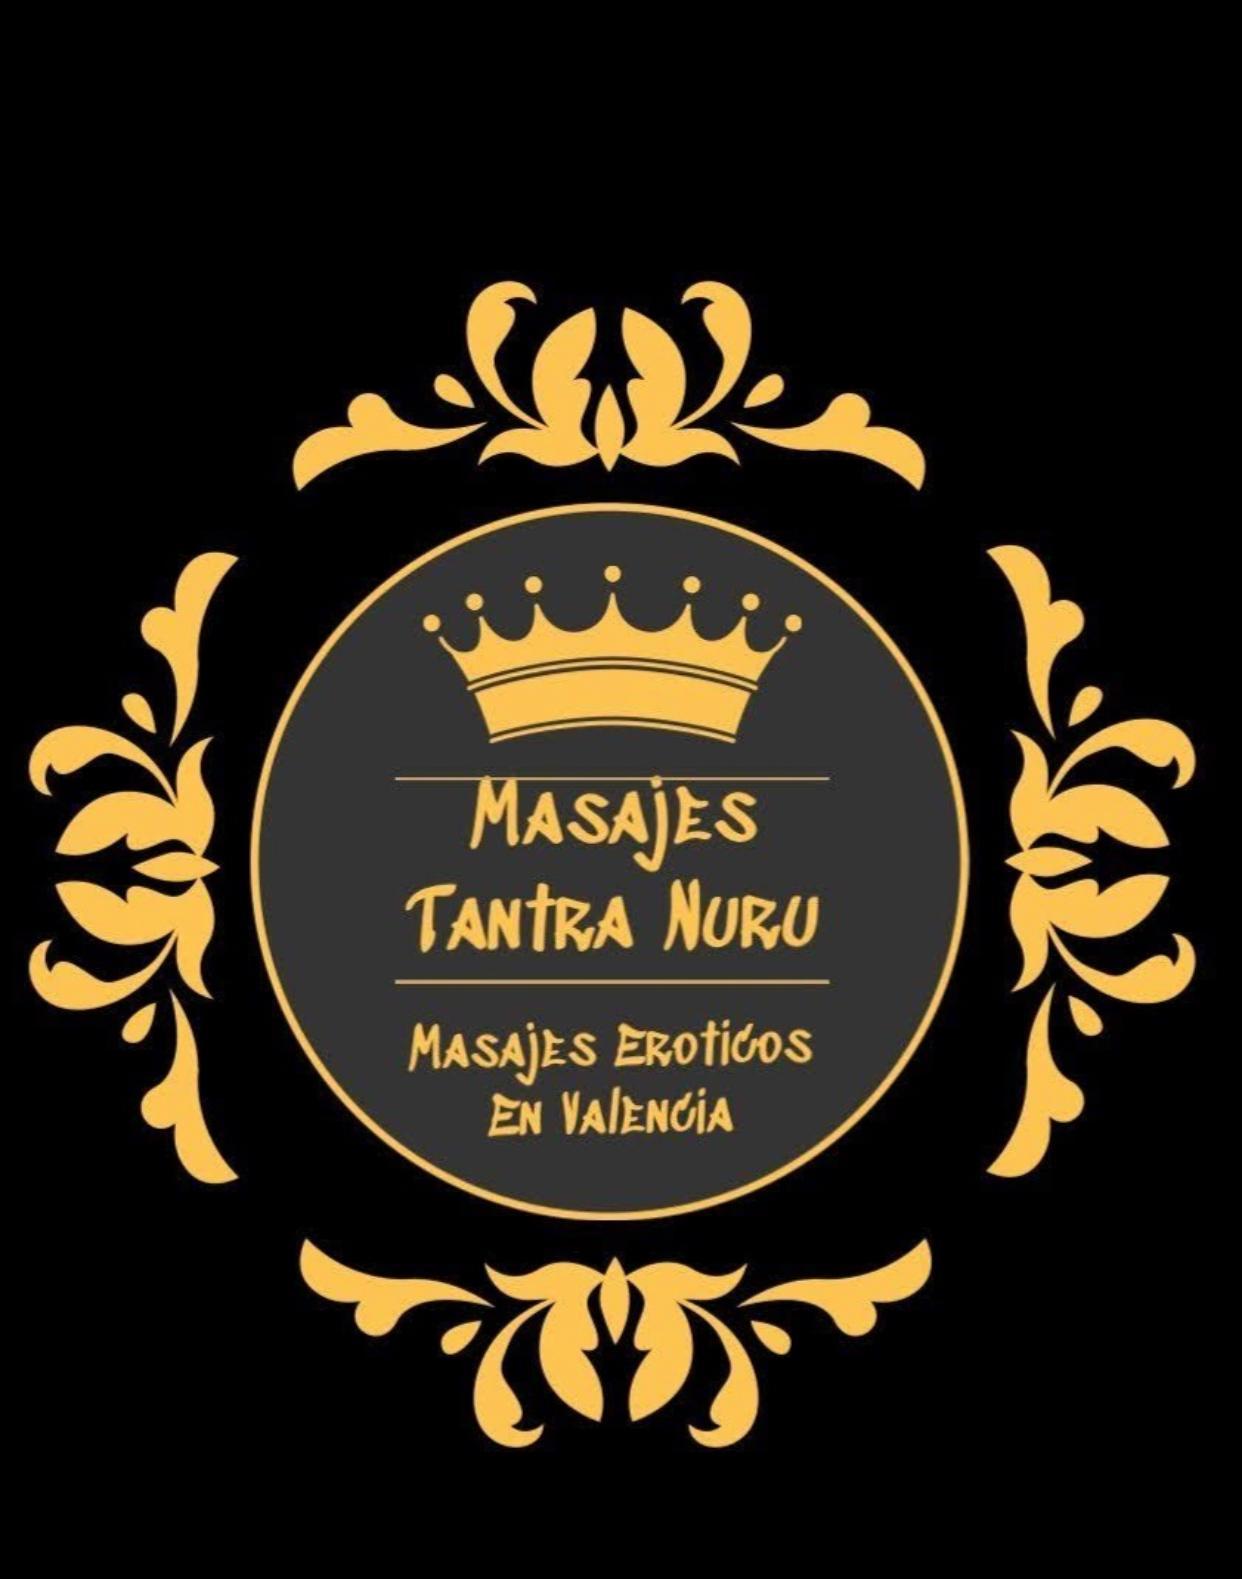 Masajes eróticos en Valencia - Tantra Nuru